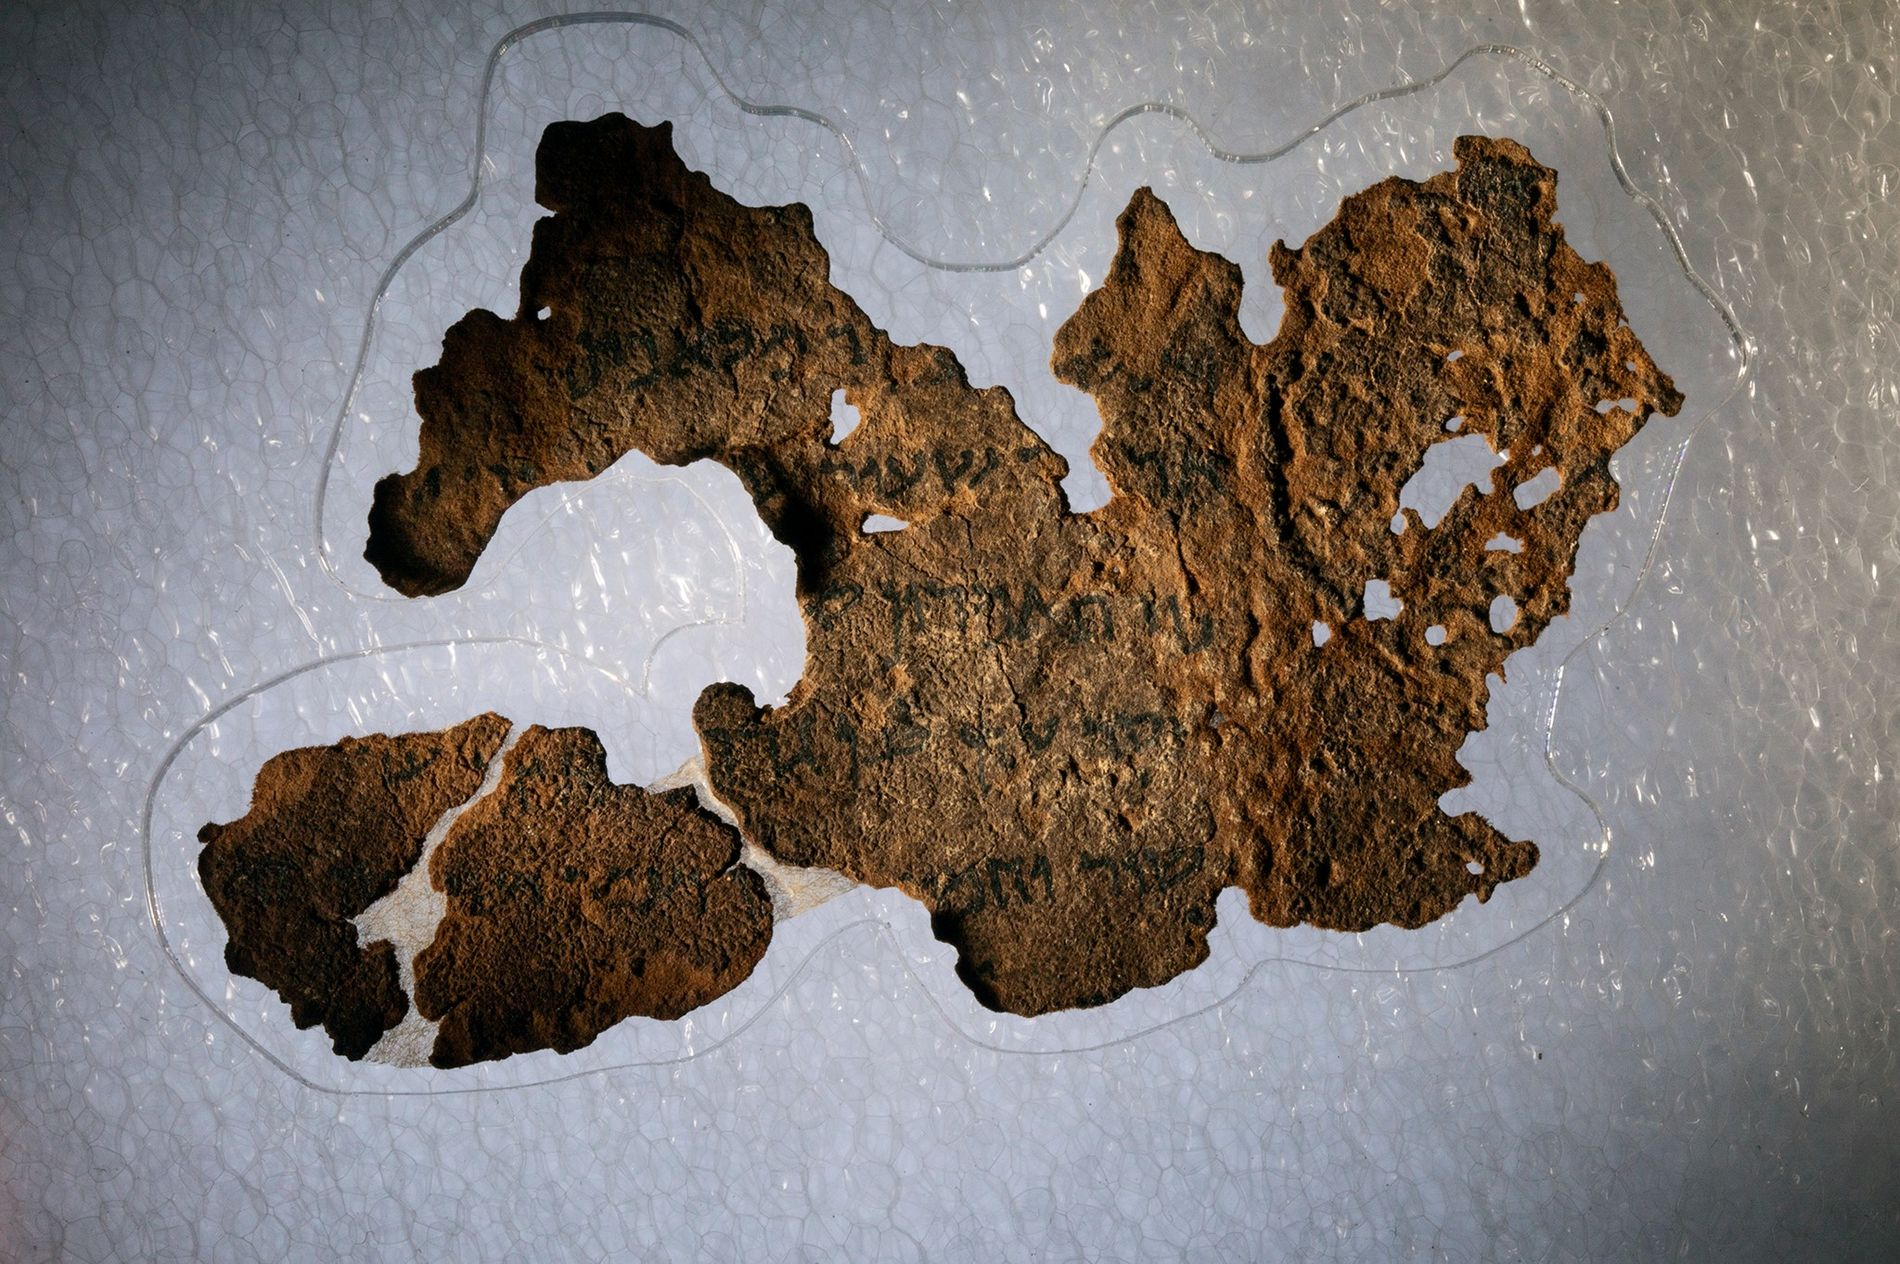 Le musée de la Bible conserve 16 fragments des manuscrits de la mer Morte, notamment celui-ci ...